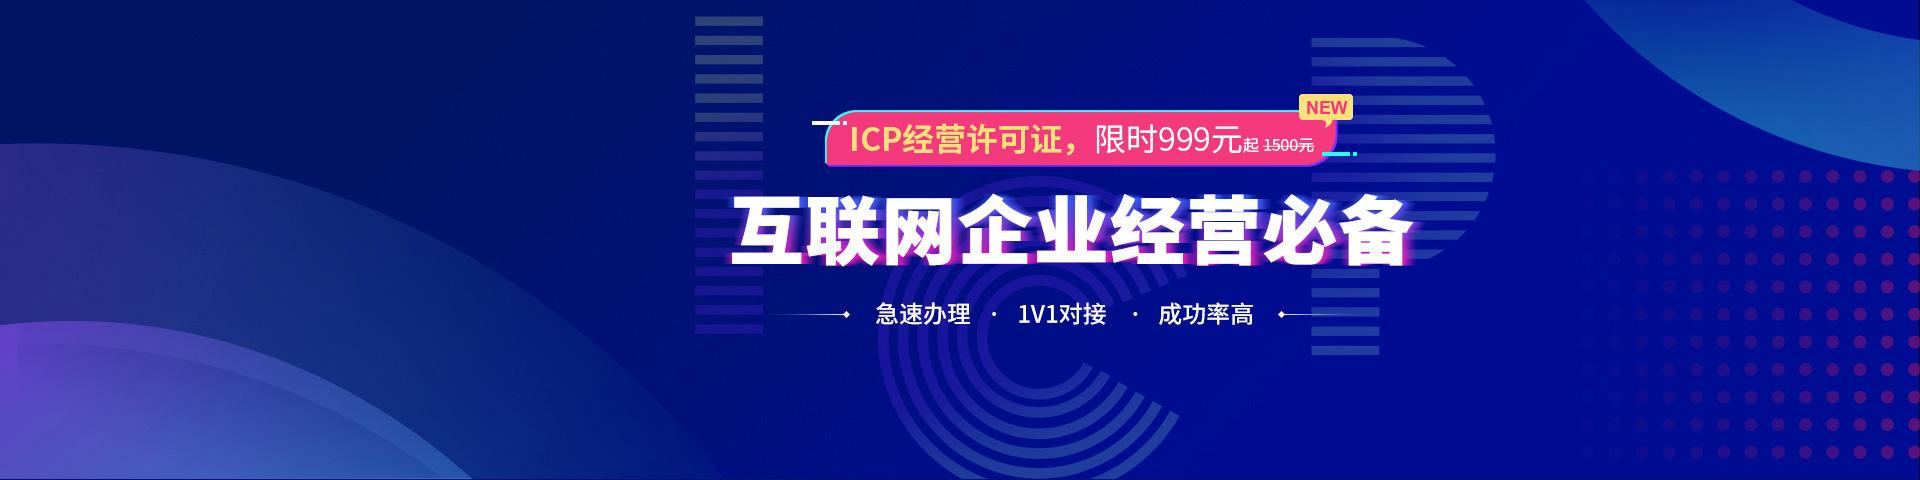 icp许可证上线